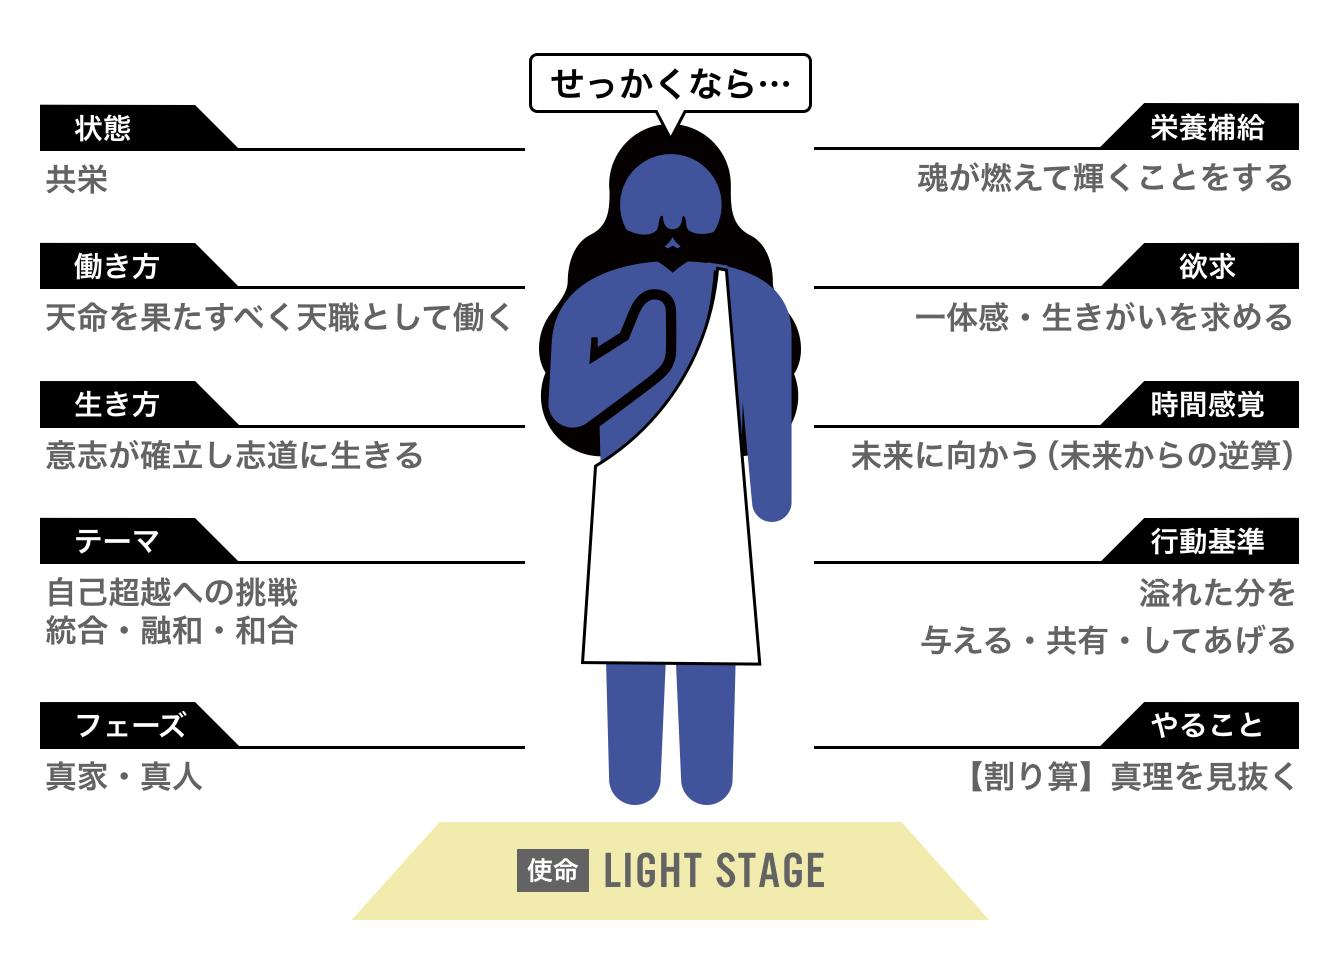 人生の4つのステージ理論 ライトステージ